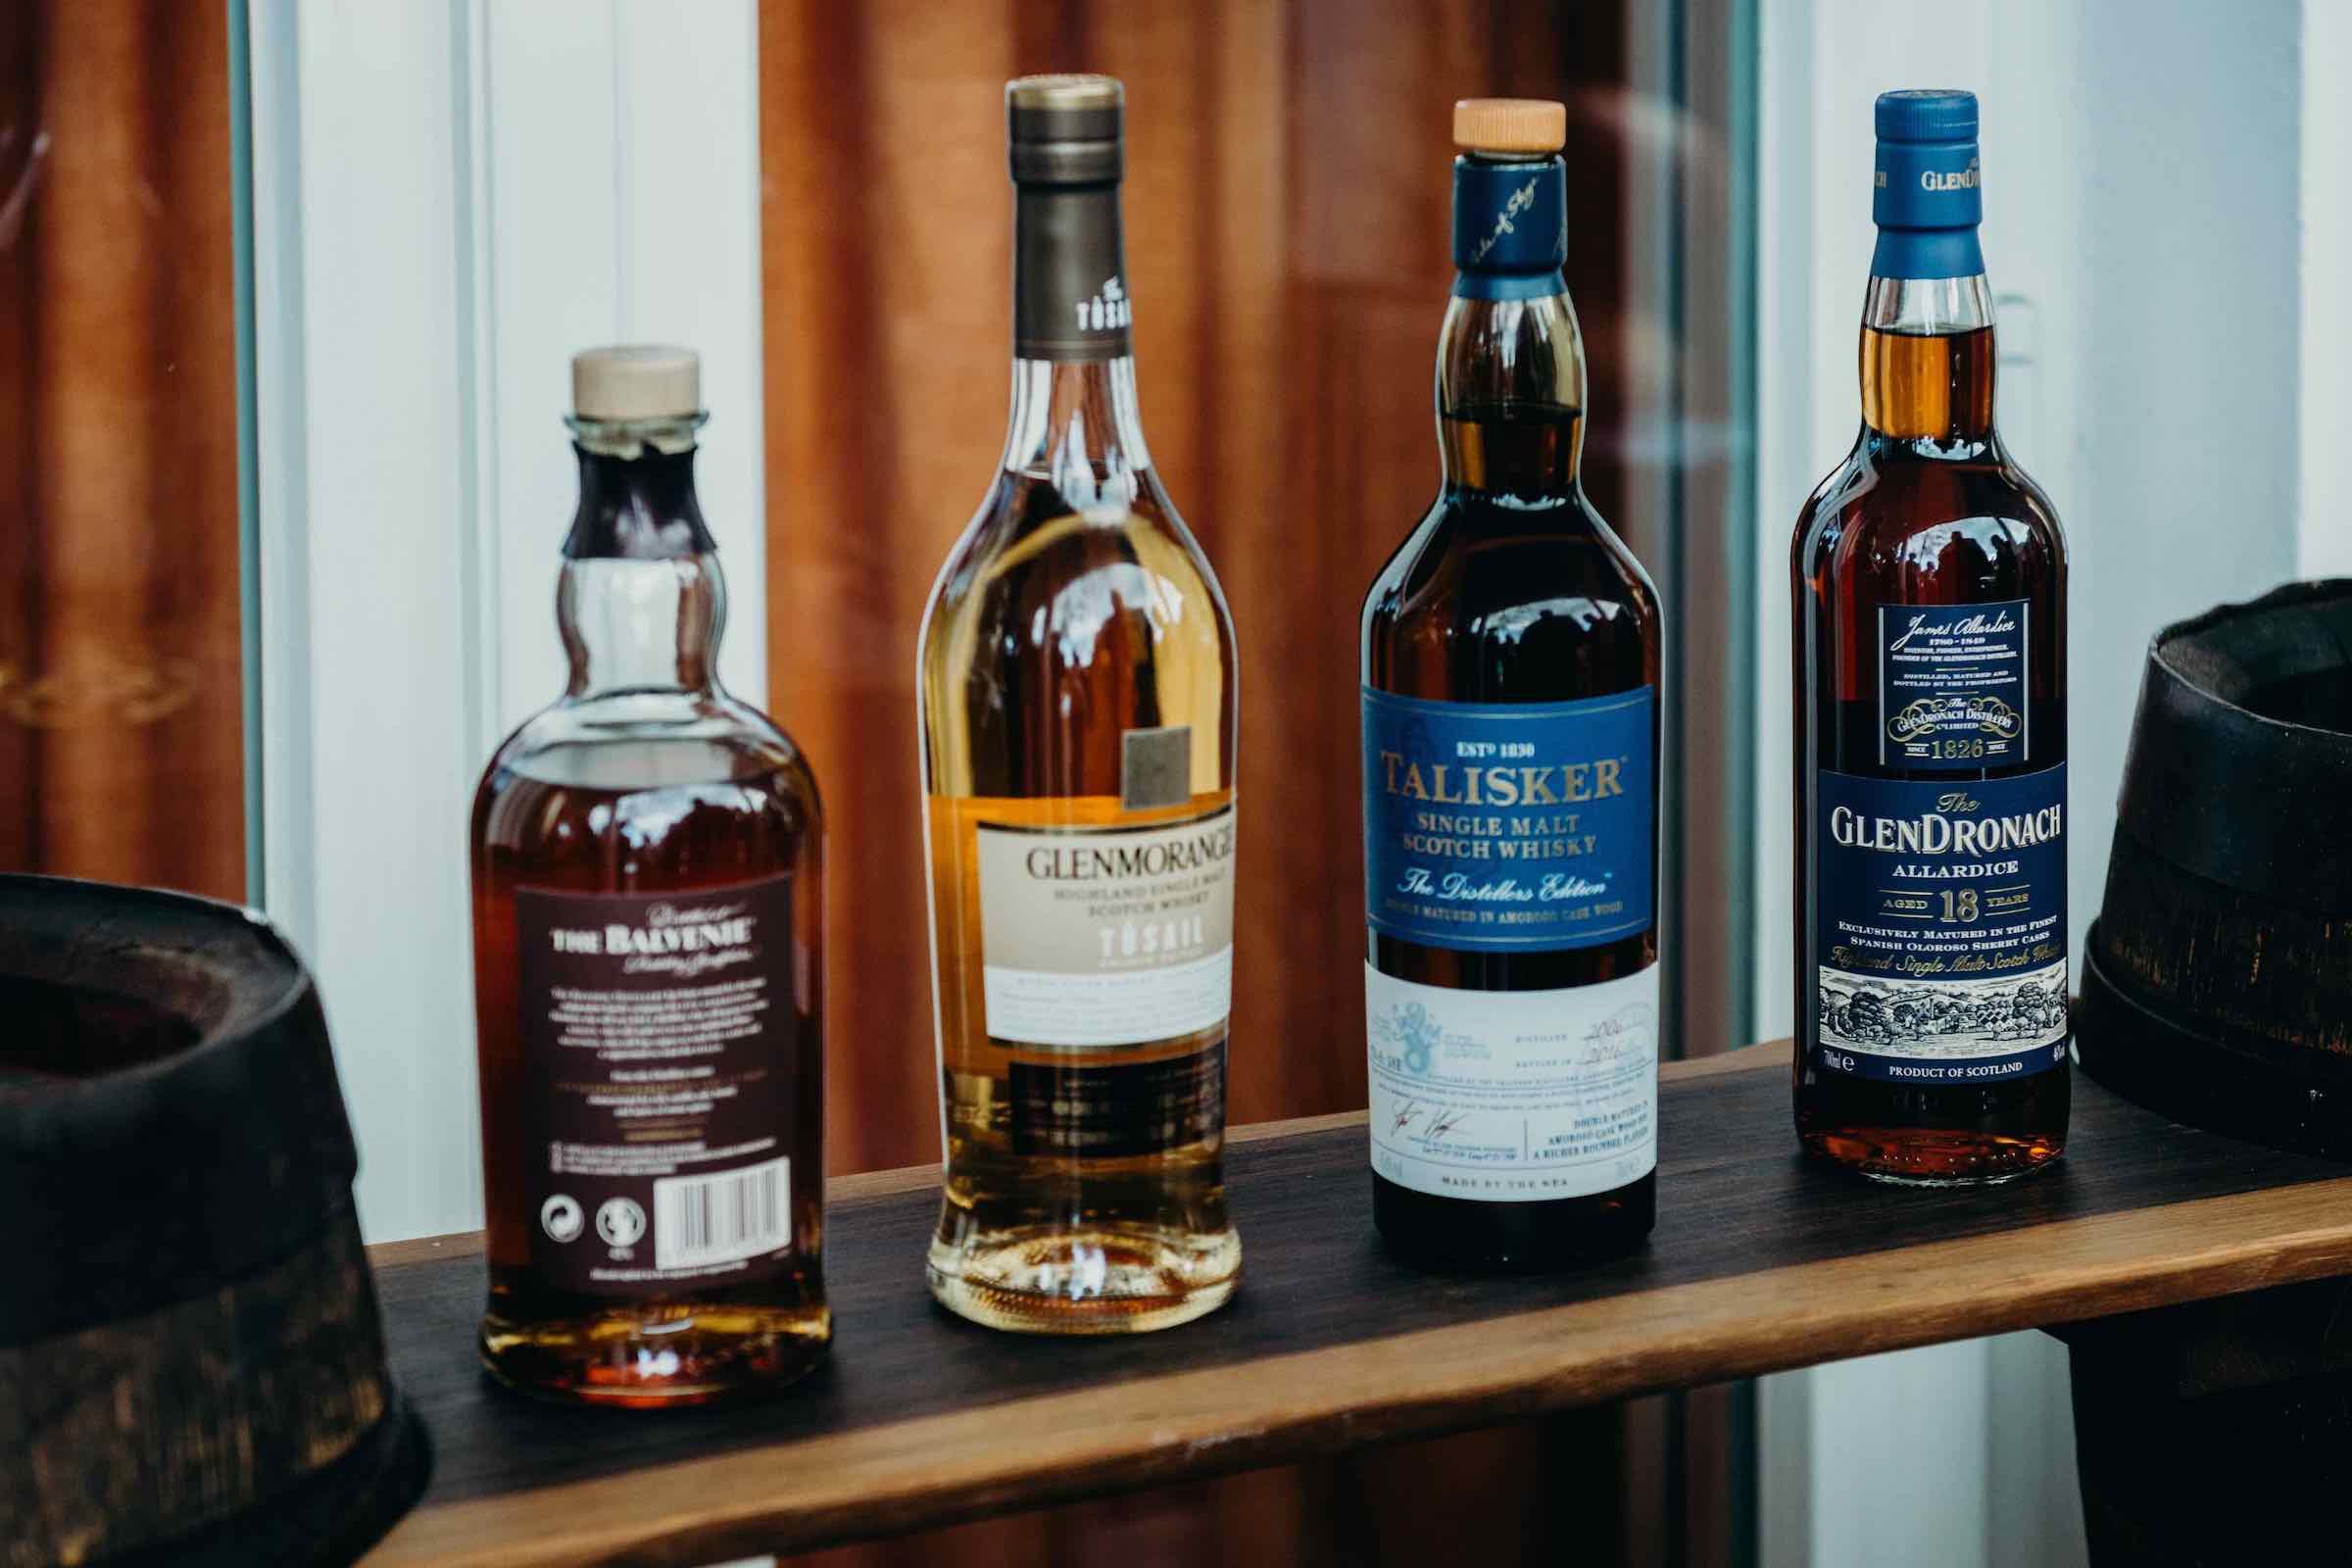 Zigarrenroller |Zigarrendreher | Handgefertigte |Zigarren |Messe |Event | Gala |Gents | Whisky | Rum | Bar |Tasting | Buchen | Mieten |Anfragen